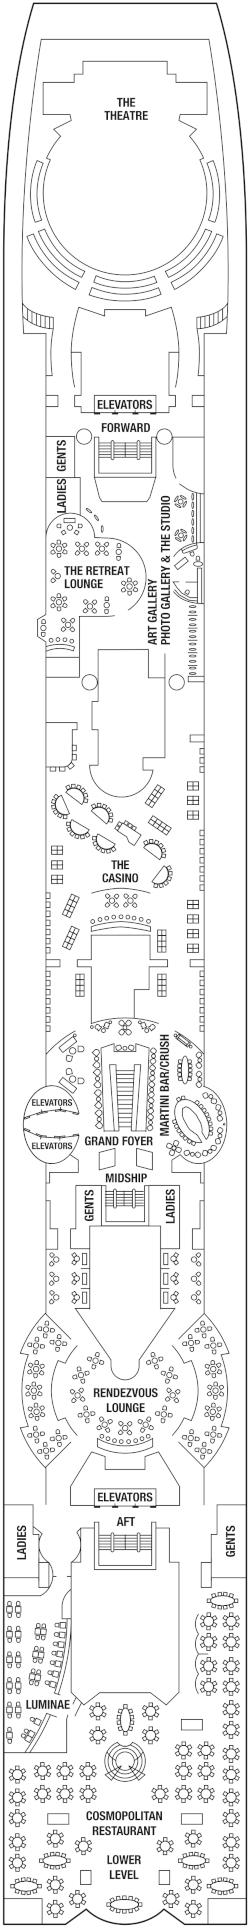 Celebrity Summit Deck 5 Deck Plan